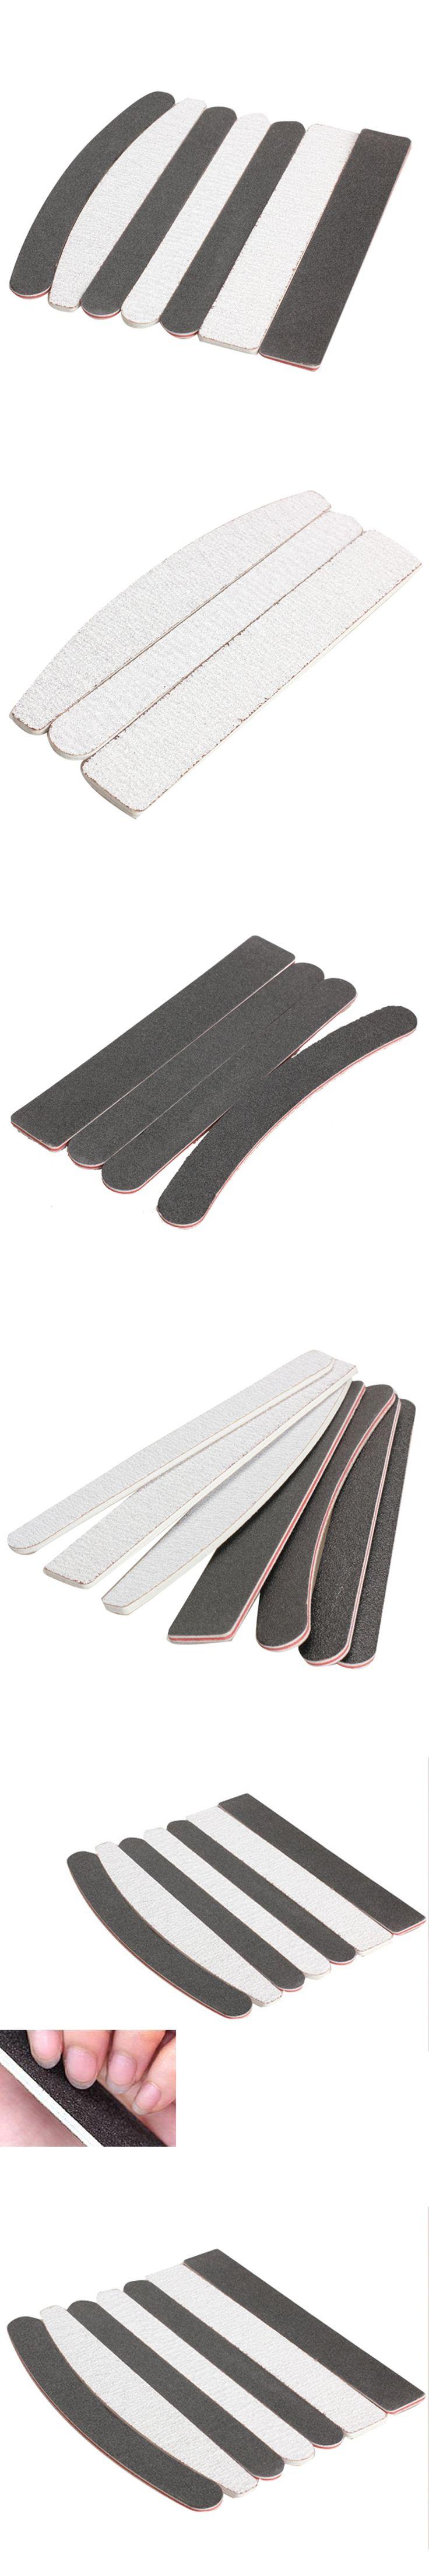 7pcs Professinal Mini Nail File Plastic Mini Nailfile Polishing Buffing Sandpaper Nail Sanding Wood Nail Files lime a ongle